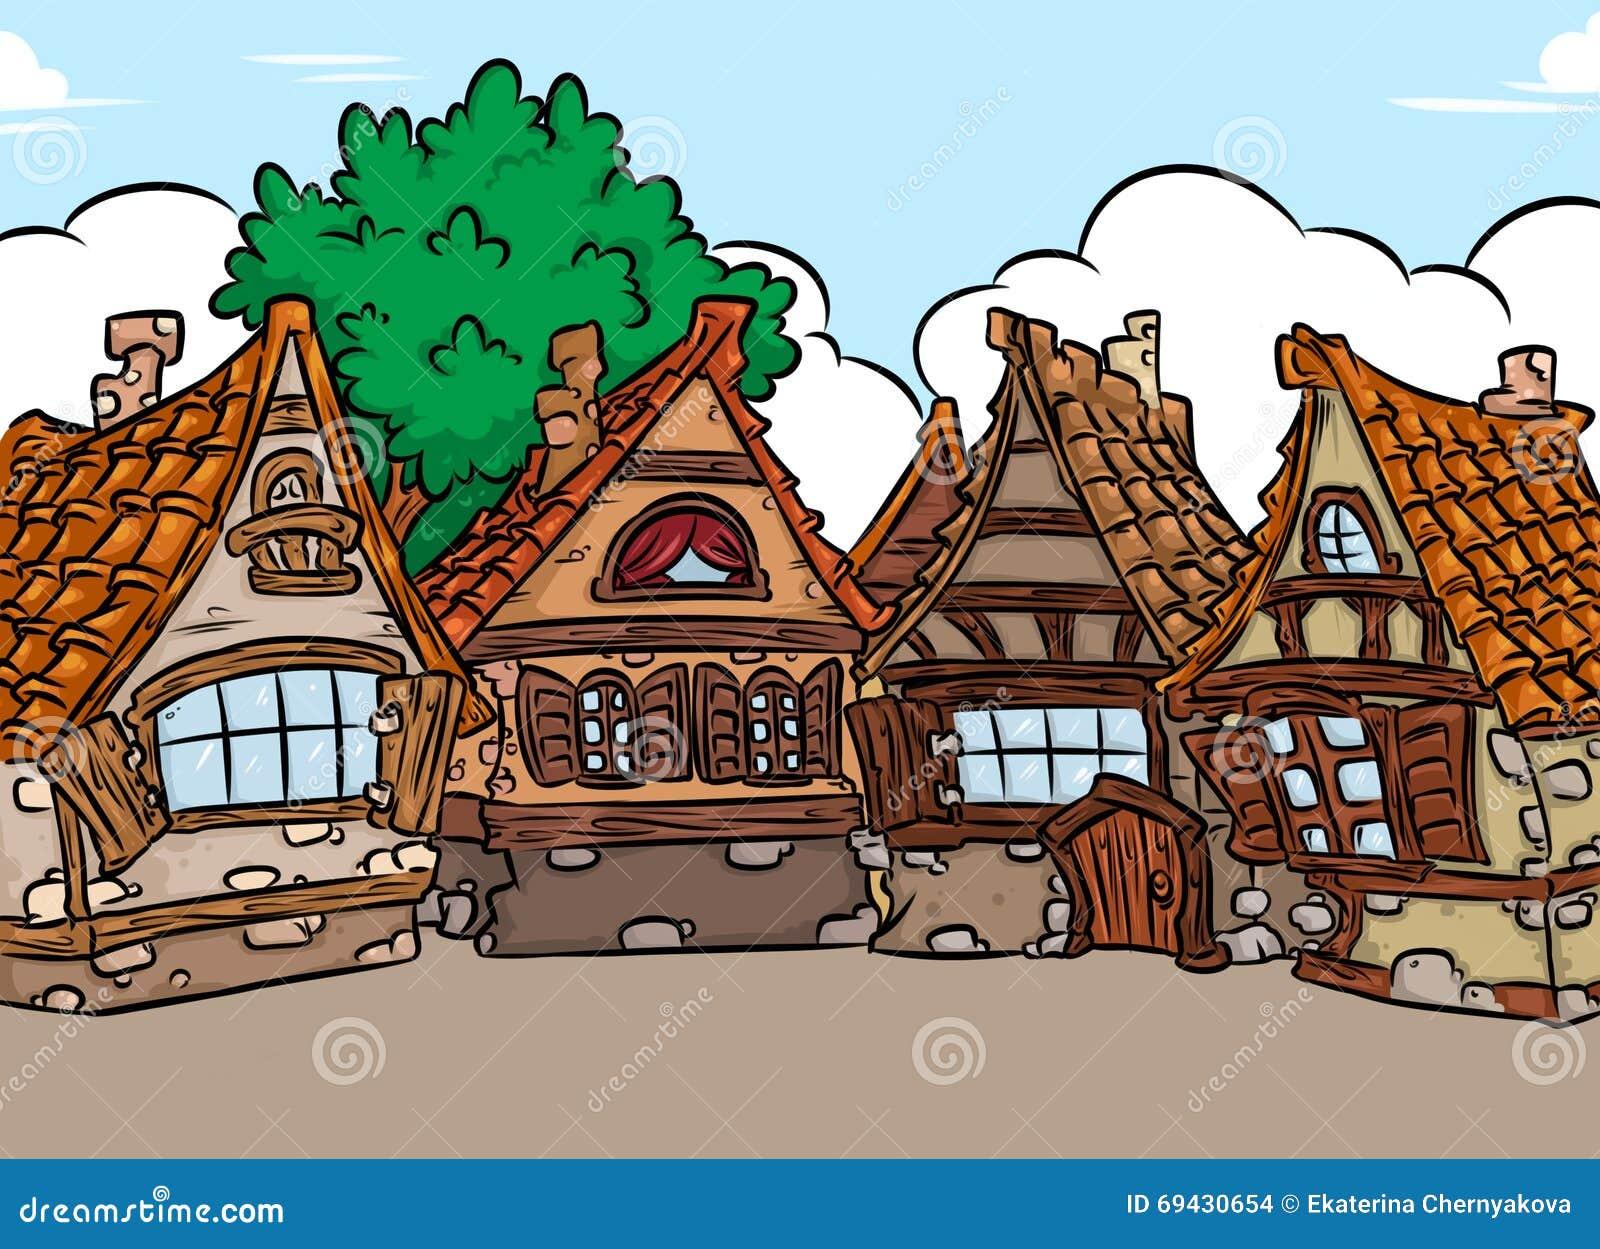 Casa medieval del fondo de la arquitectura